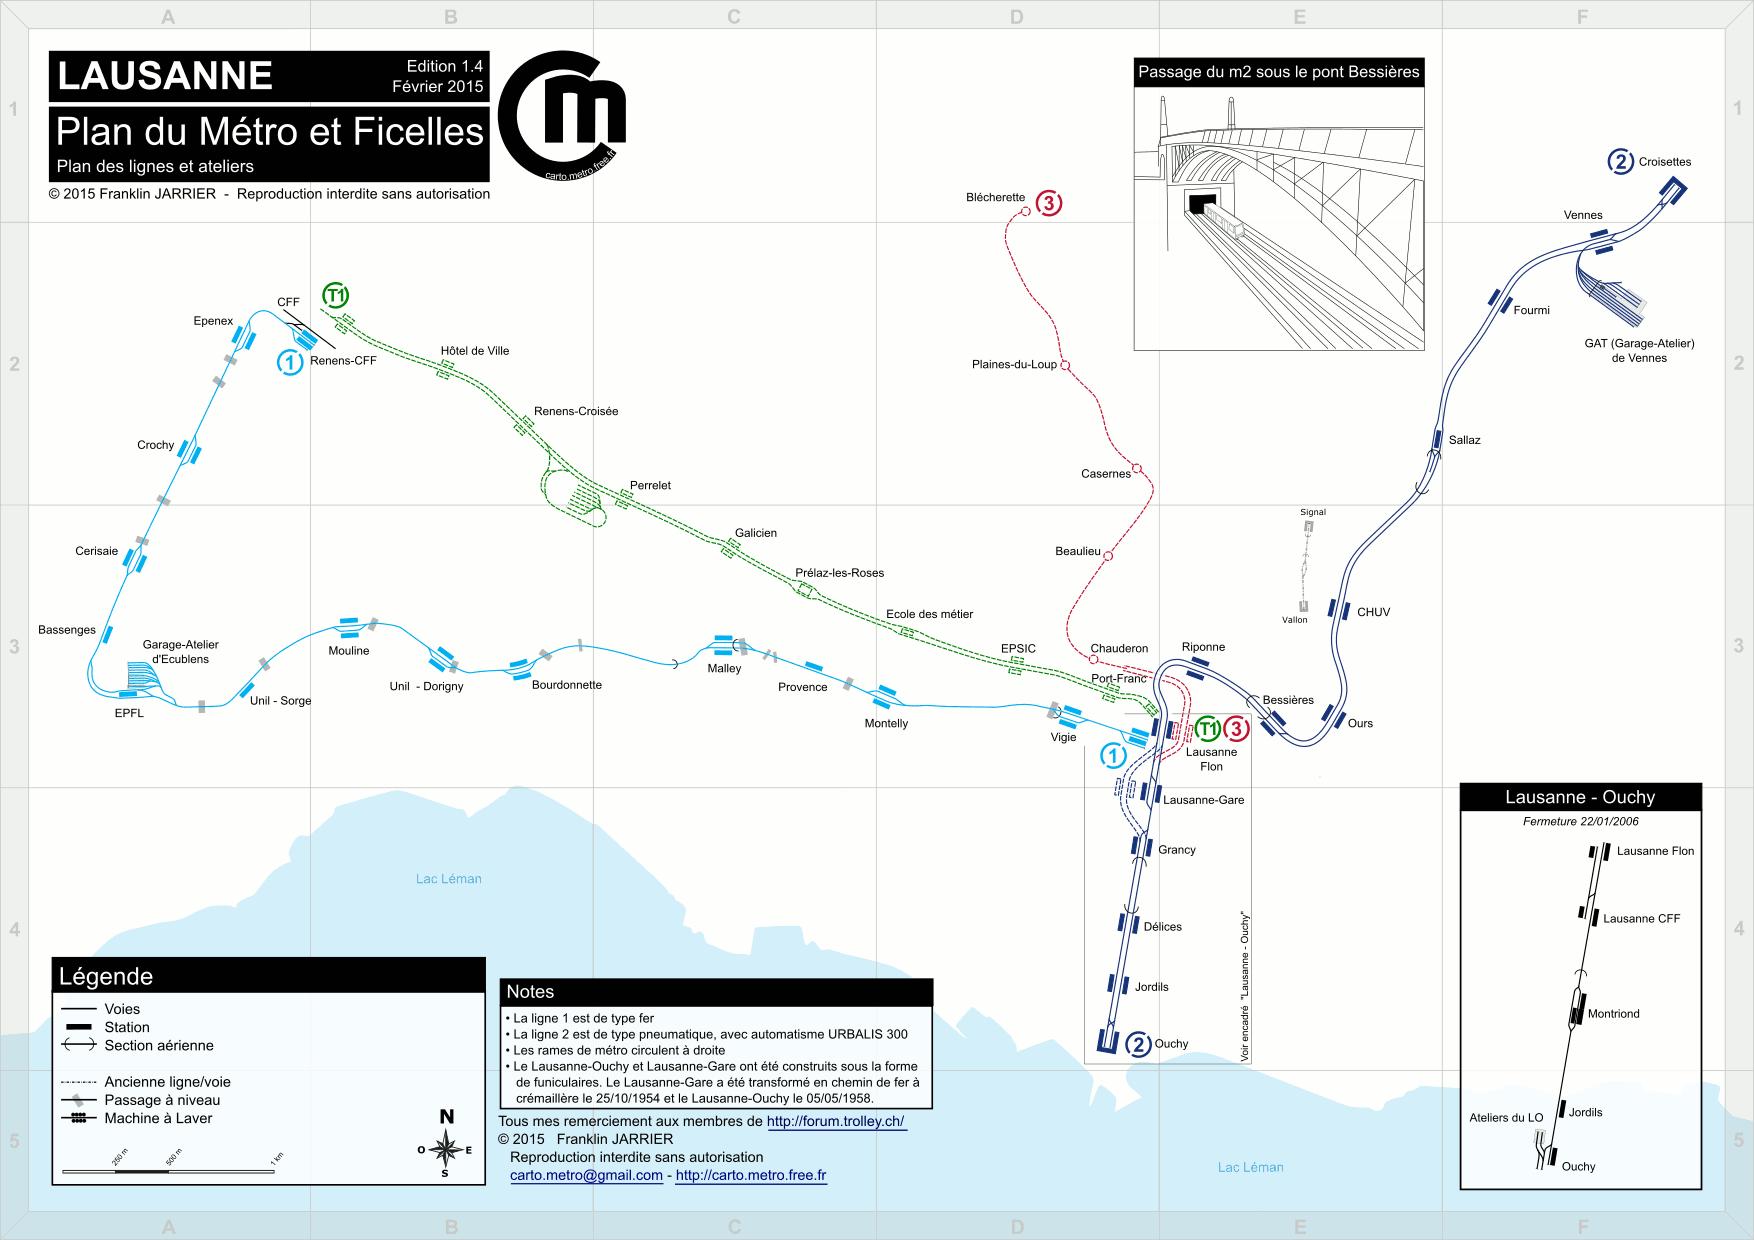 Detailled Tracks map   Paris, Lyon, Lausanne, Milan, Turin tracks maps